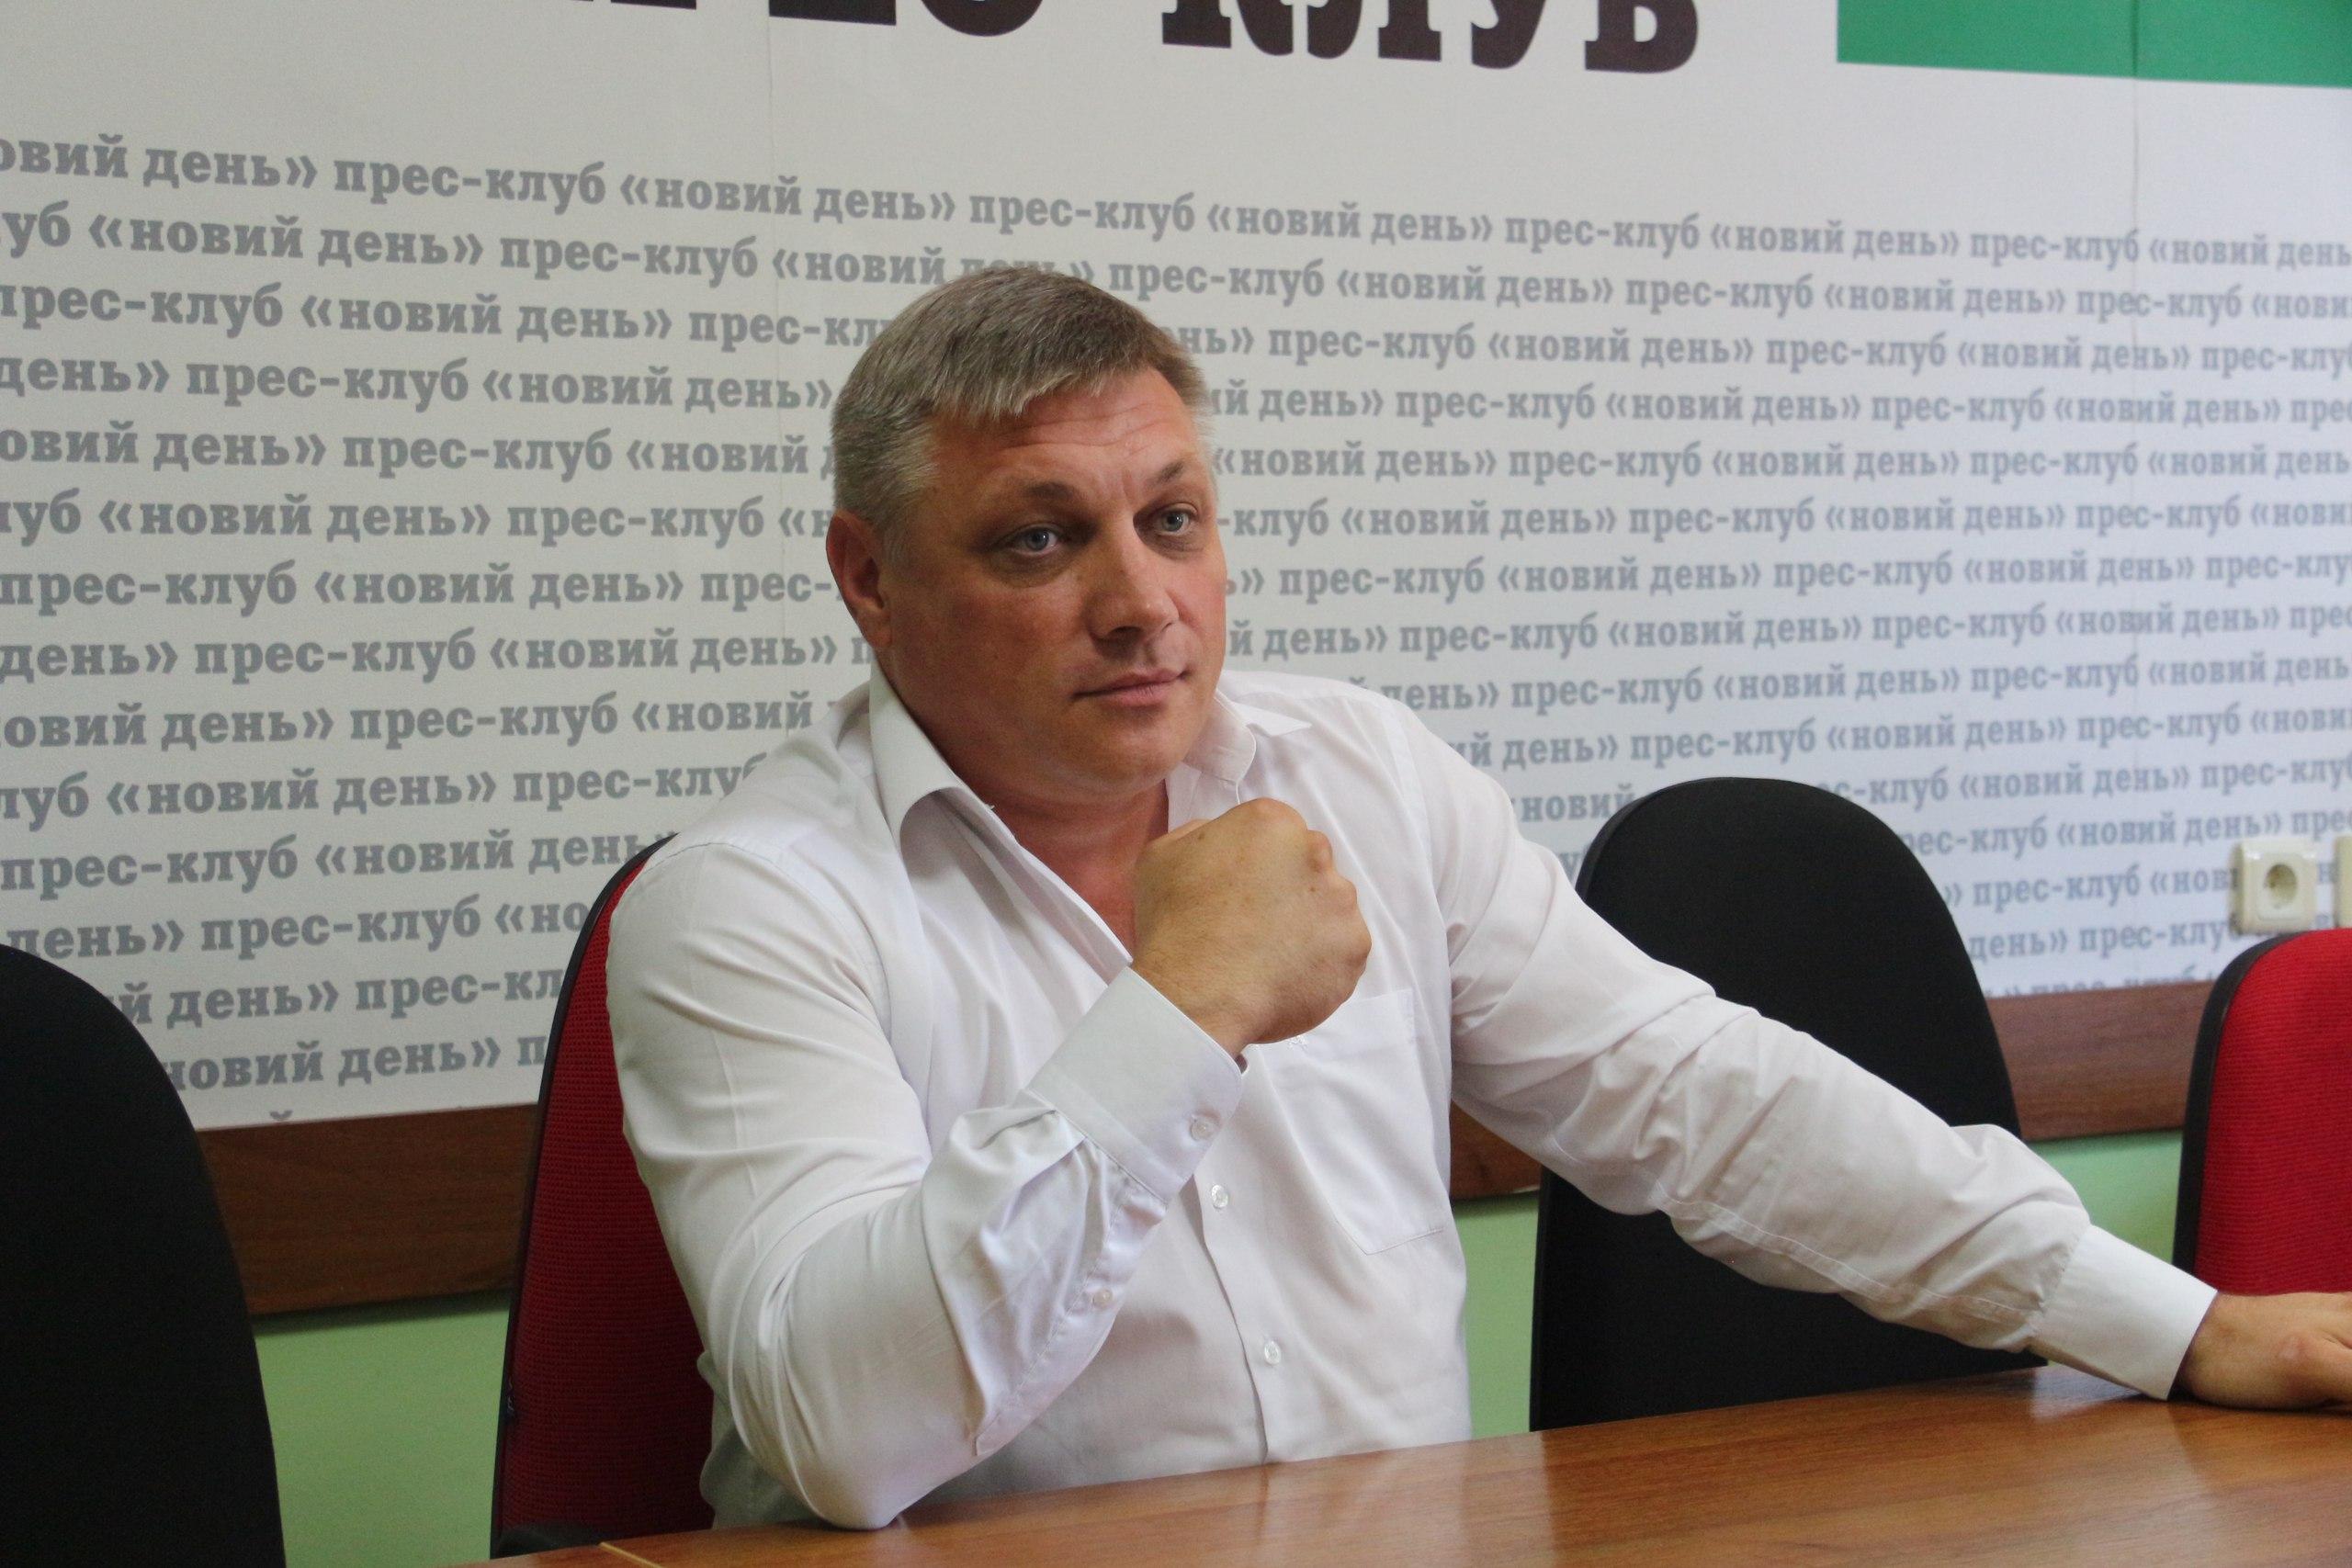 Нардеп Подберезняк рассказал о работе Народного Фронта (видео)